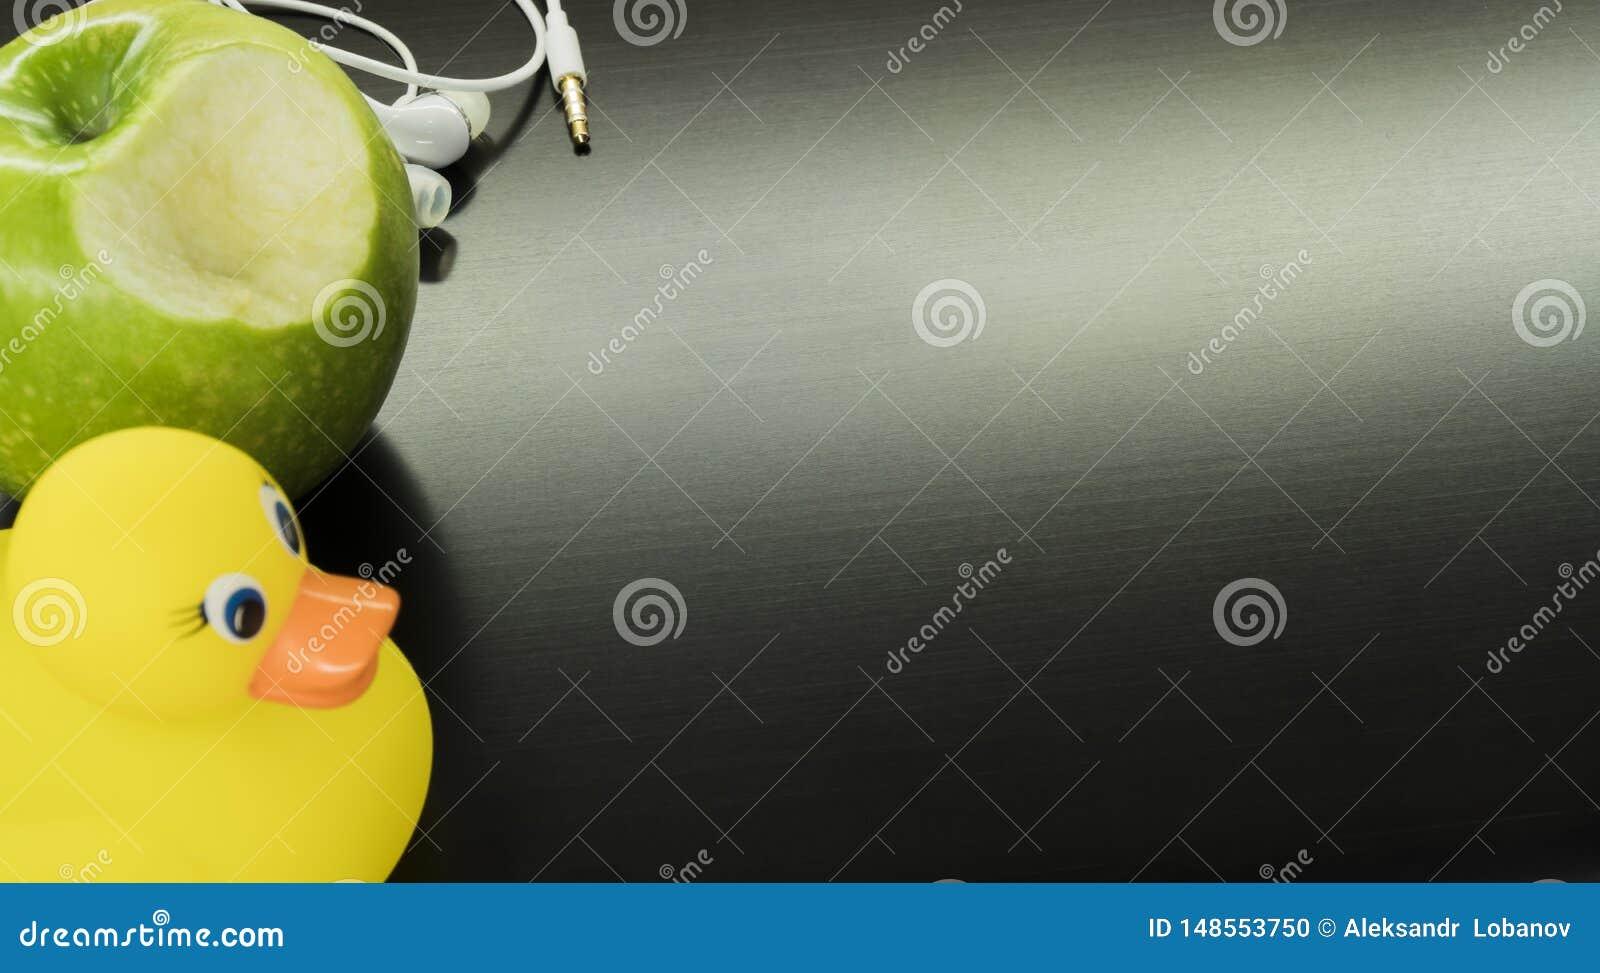 Witte hoofdtelefoons, een gele eend en een groene appel